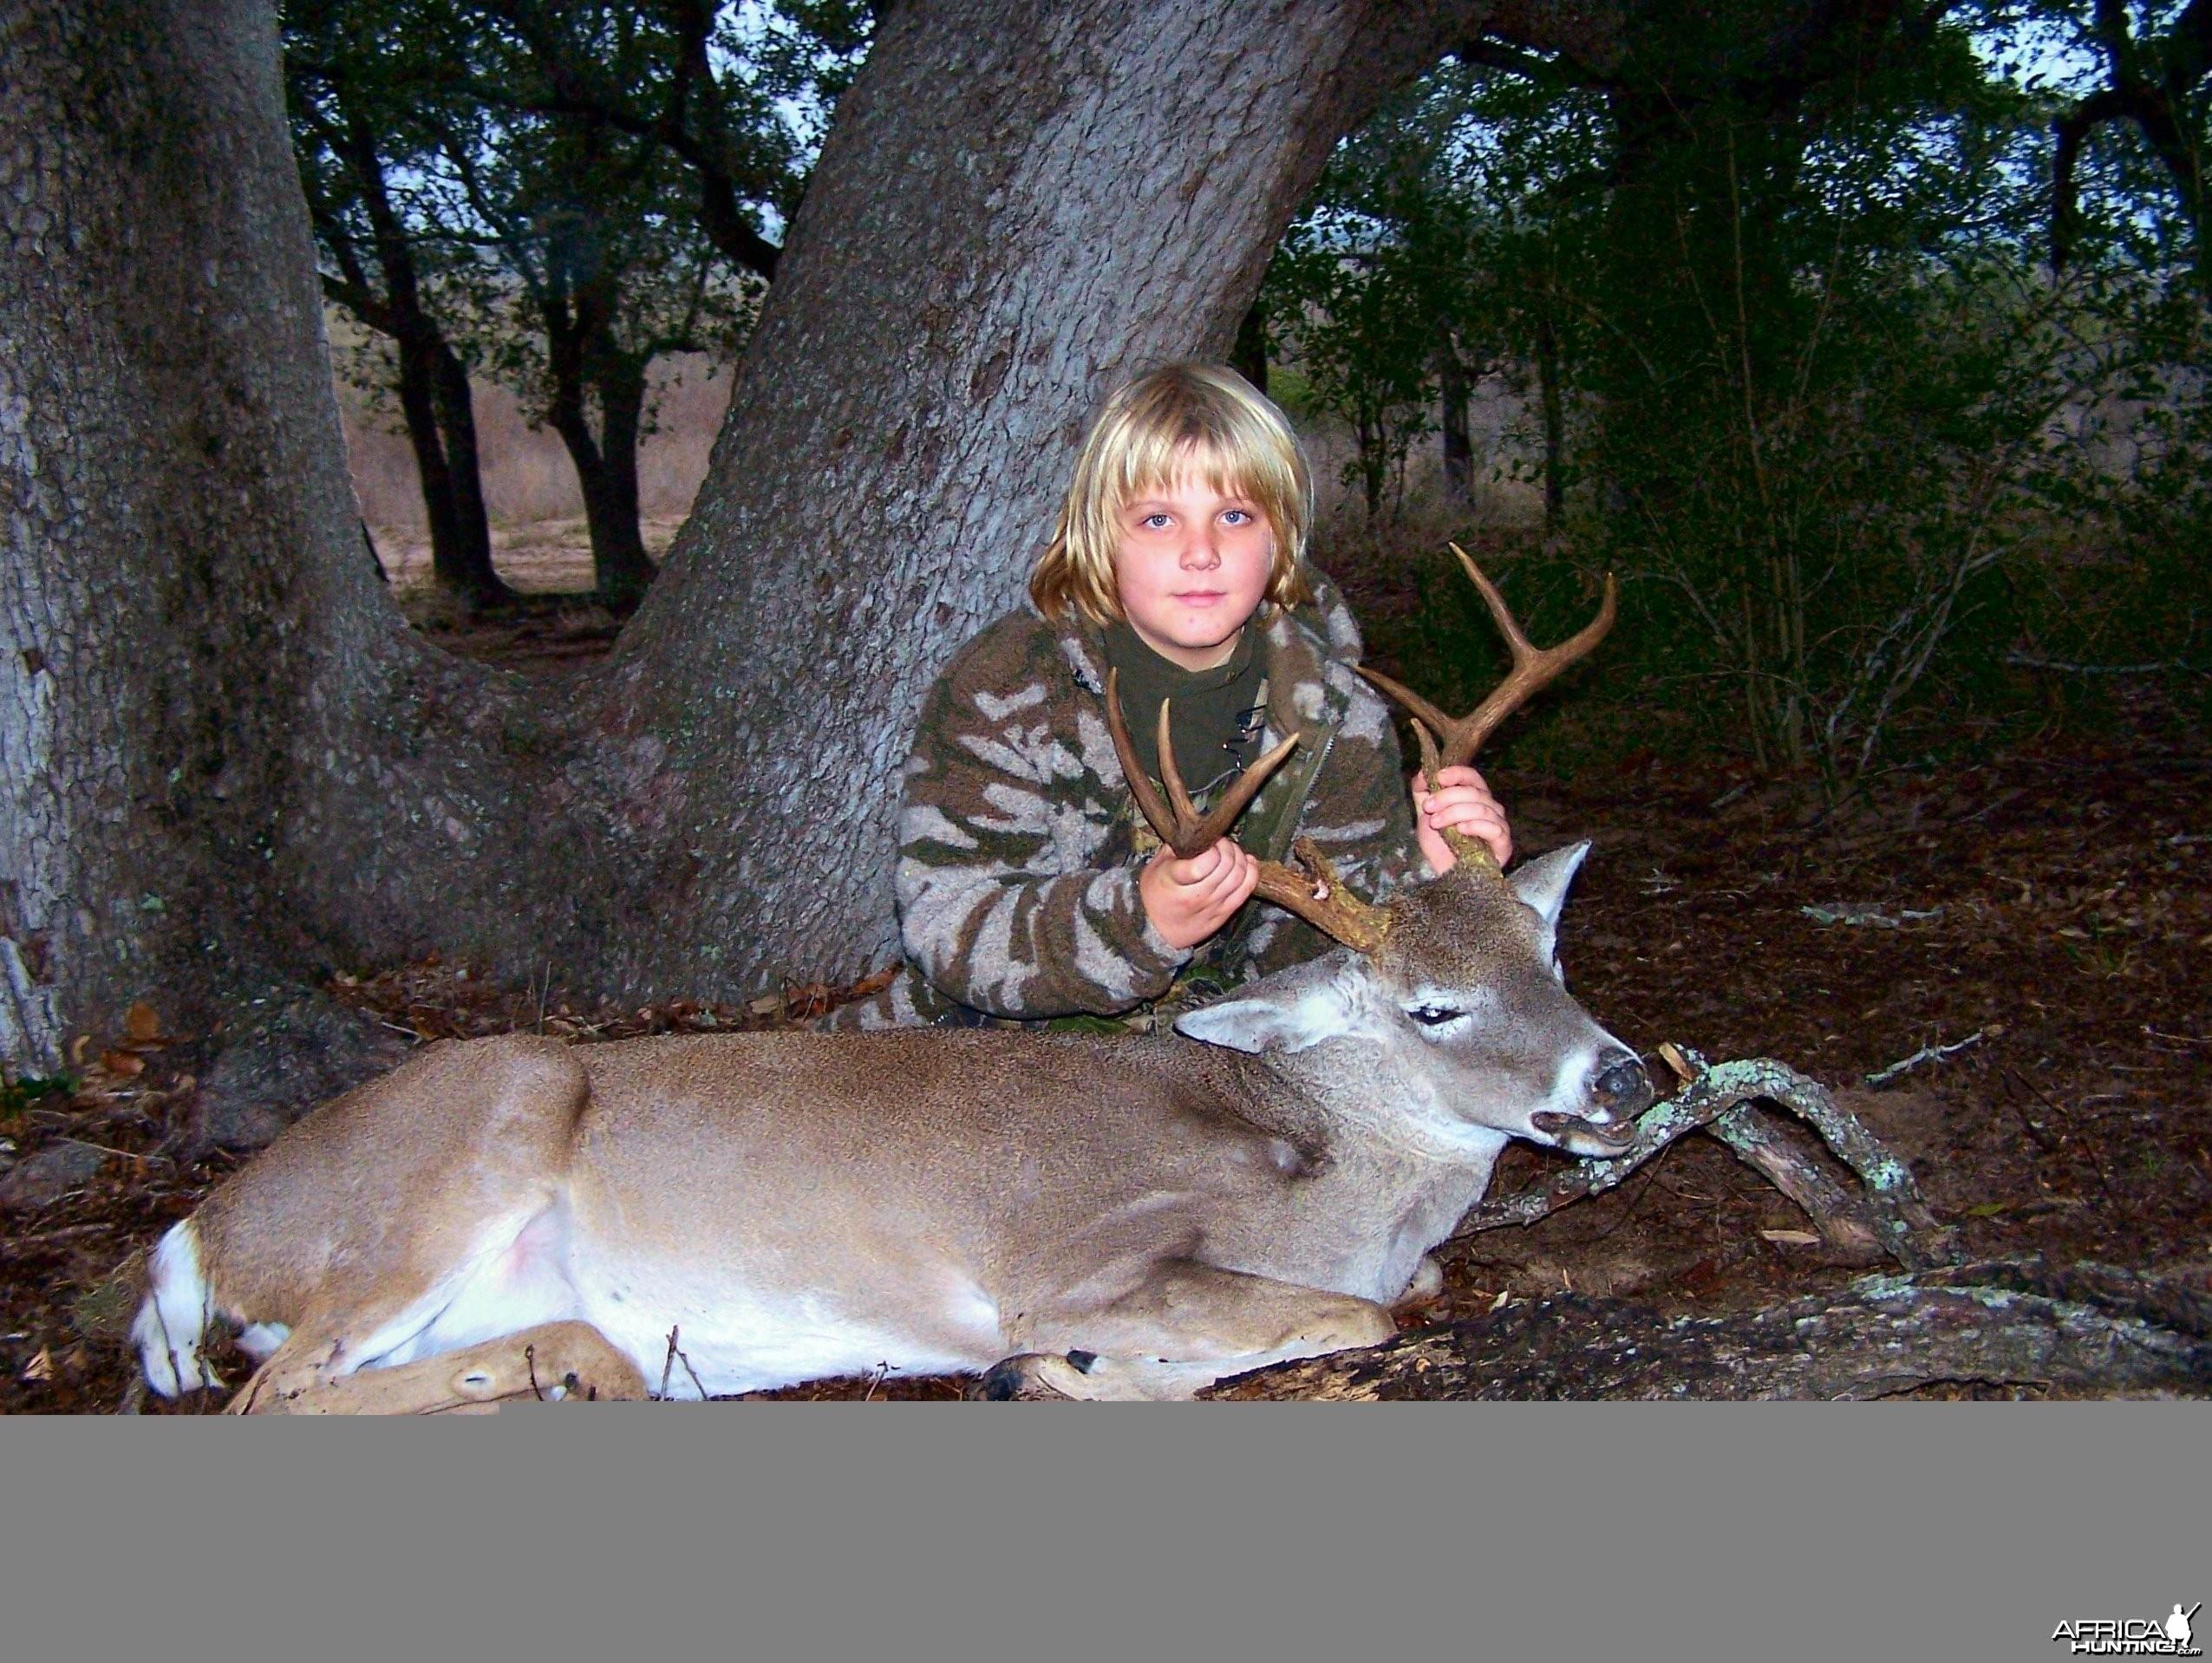 Texas 2005